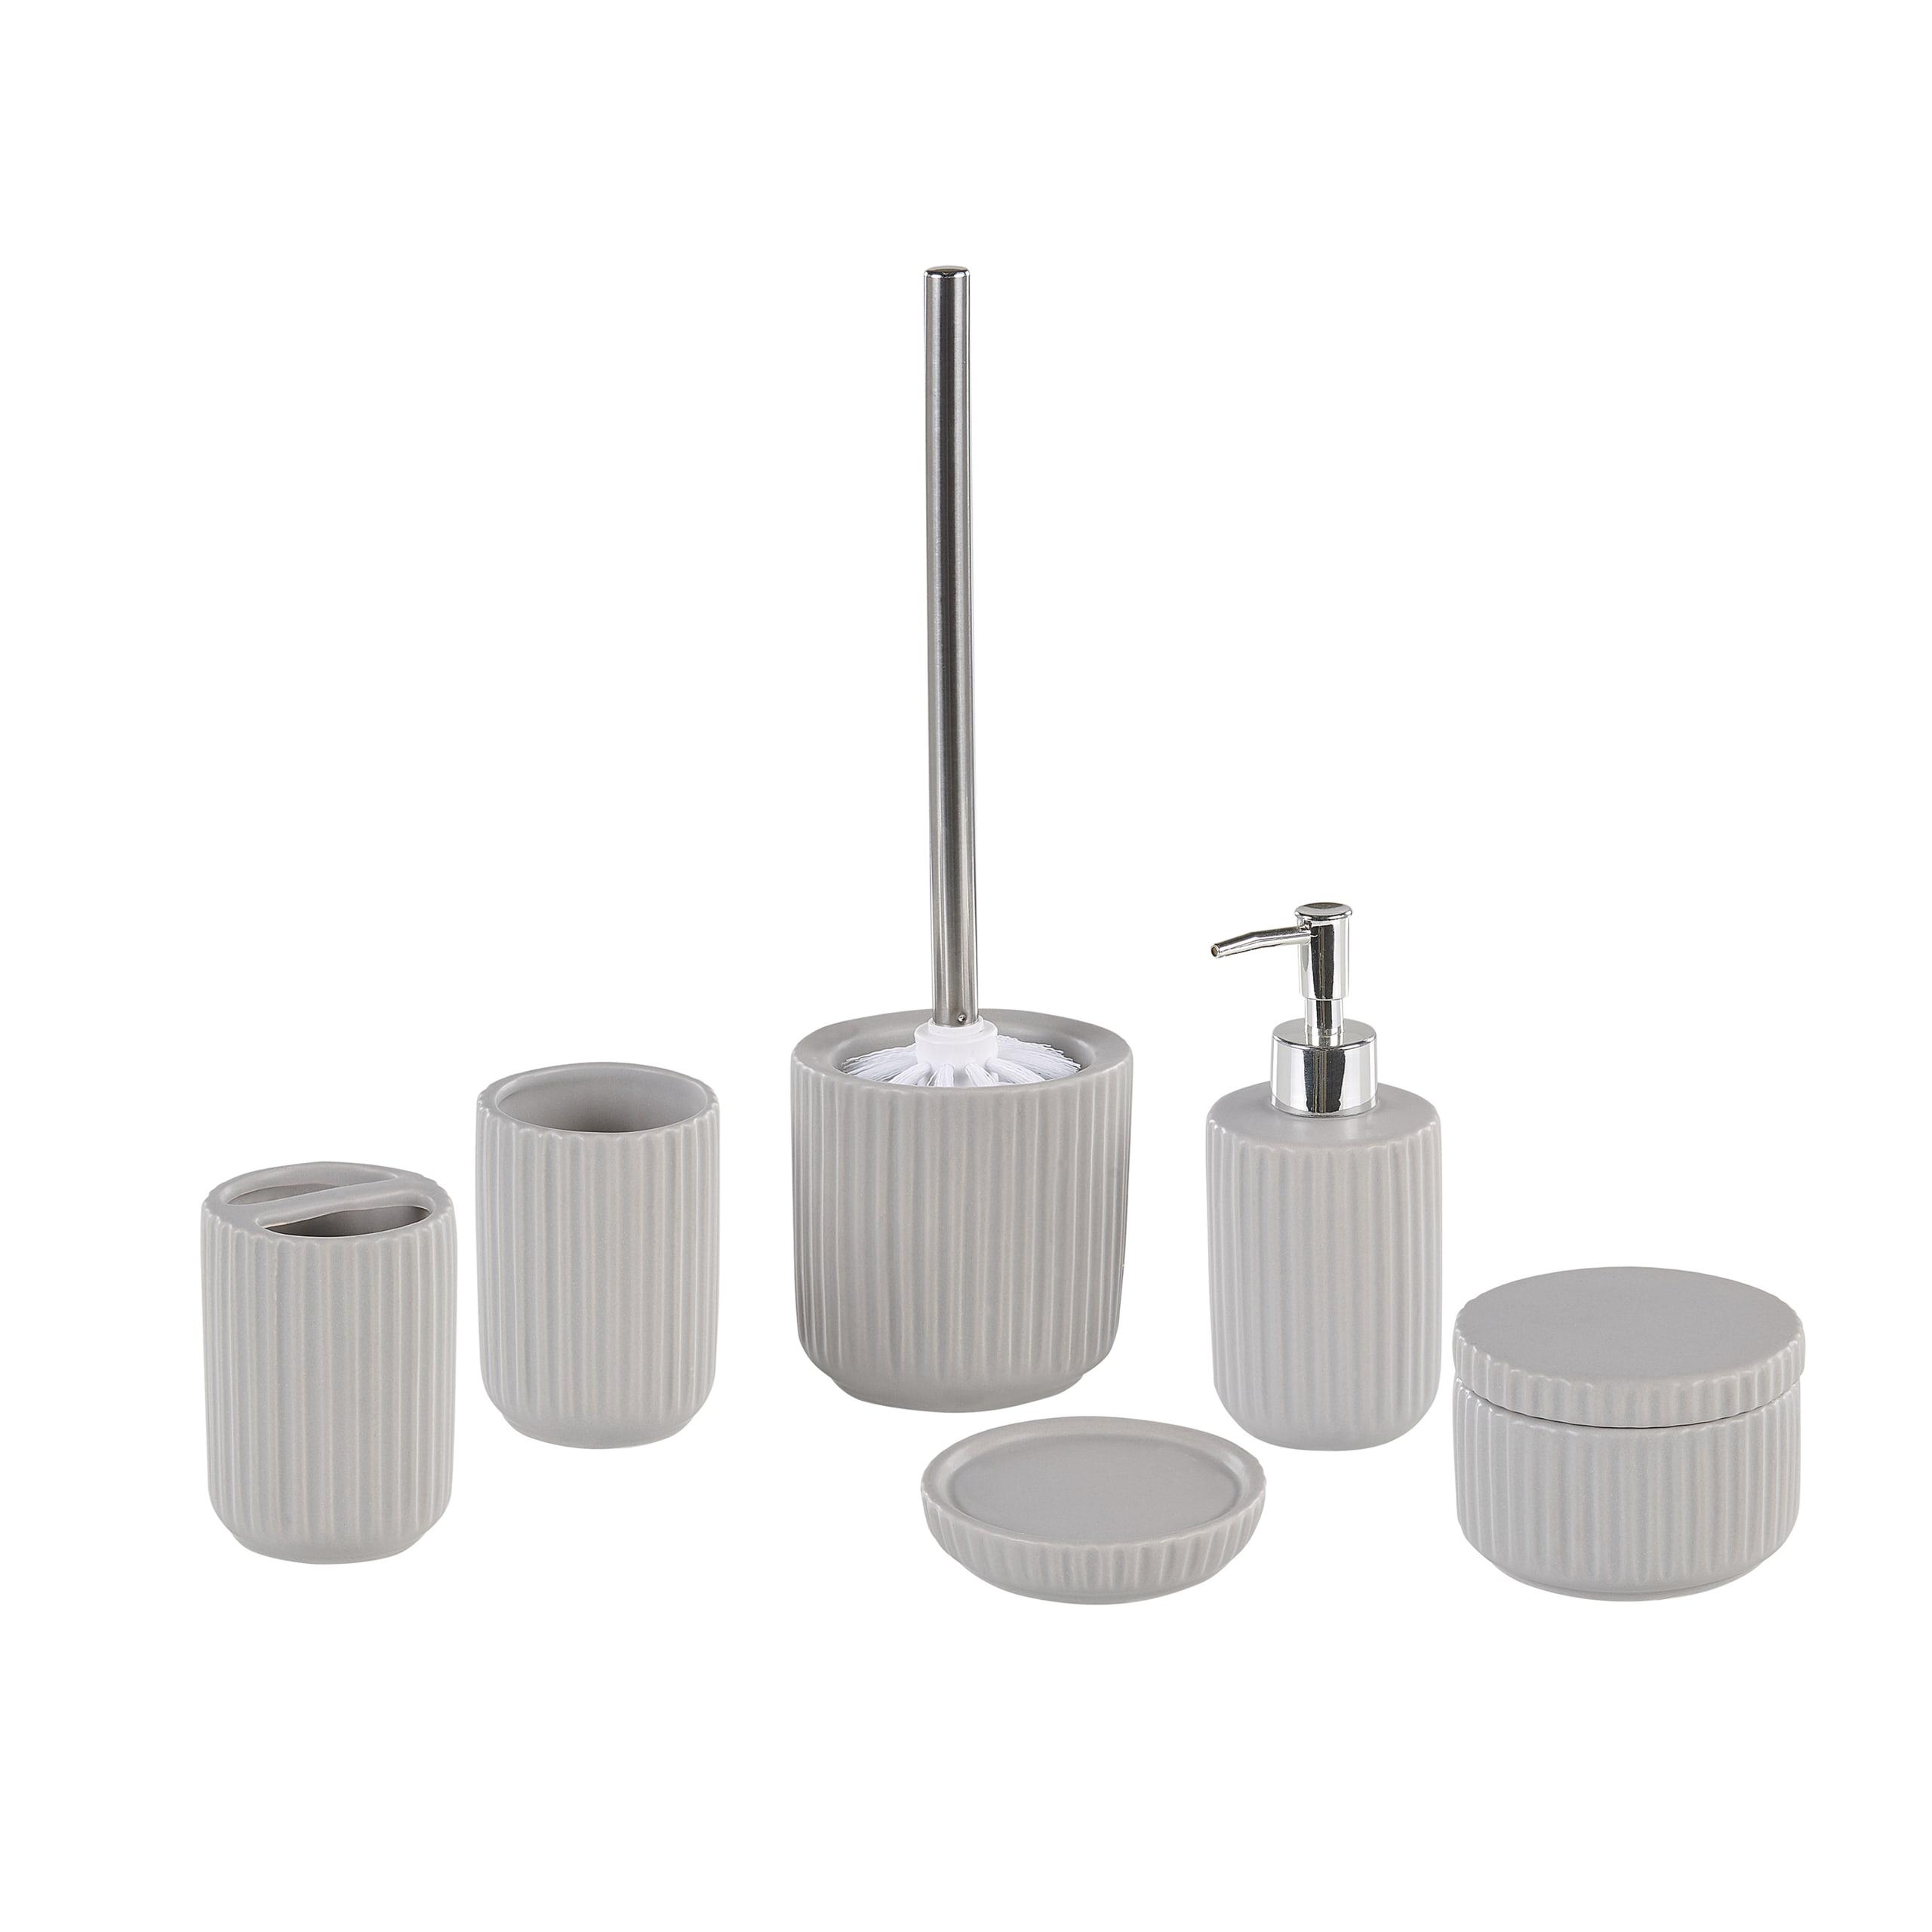 Lot de 6 accessoires de salle de bain en céramique grise